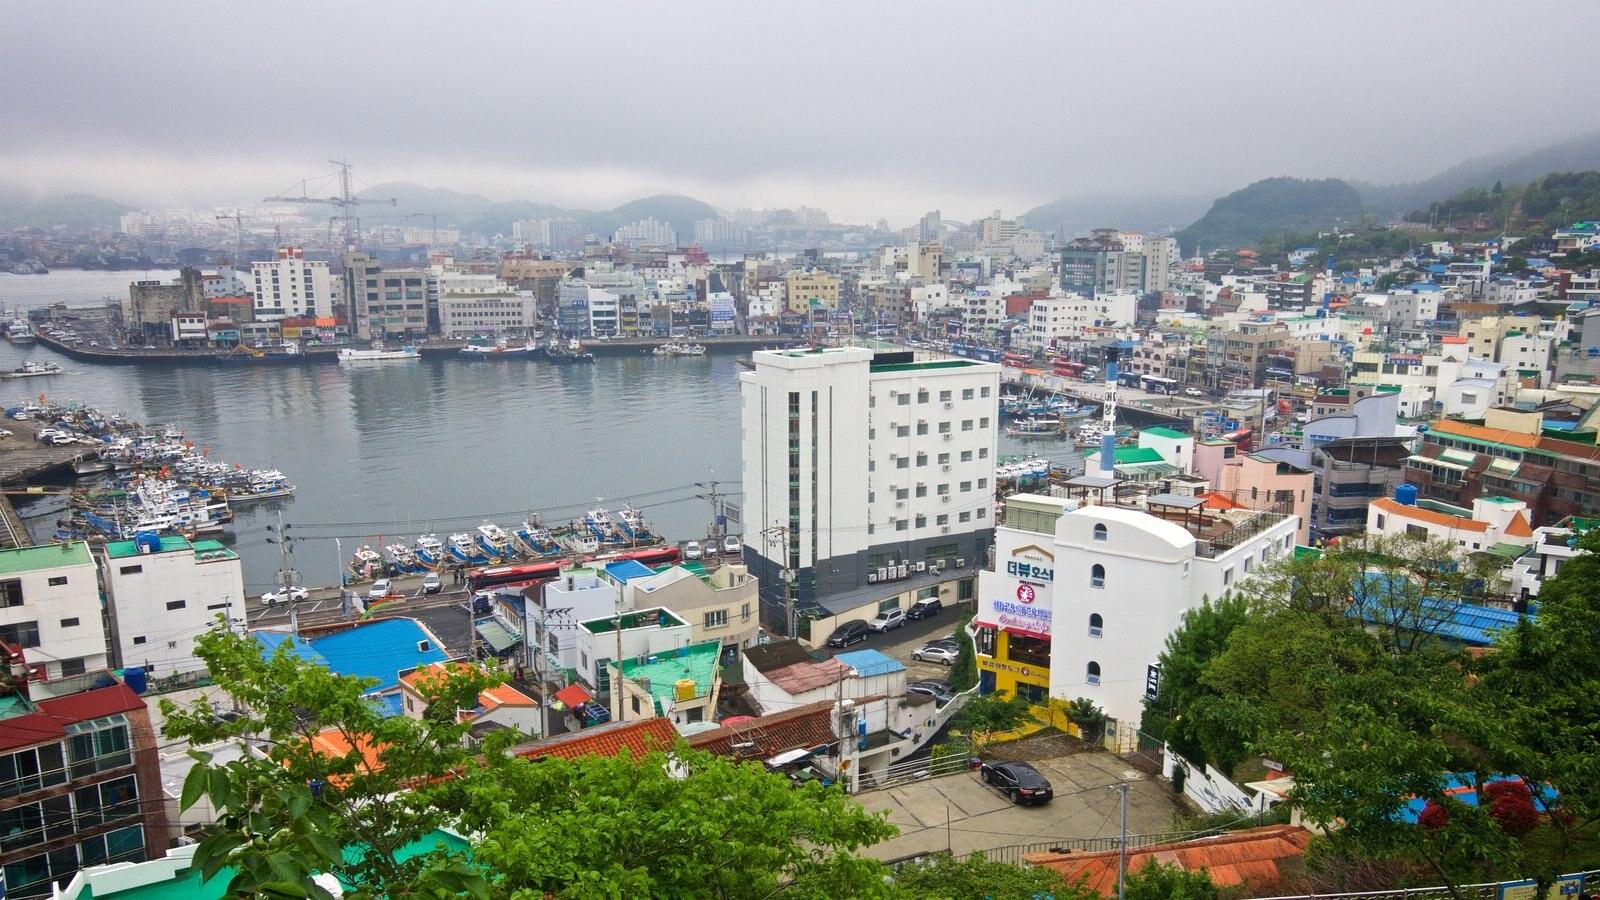 Aldea de muros pintados de Dongpirang ofreciendo vistas de paisajes, una bahía o puerto y una ciudad